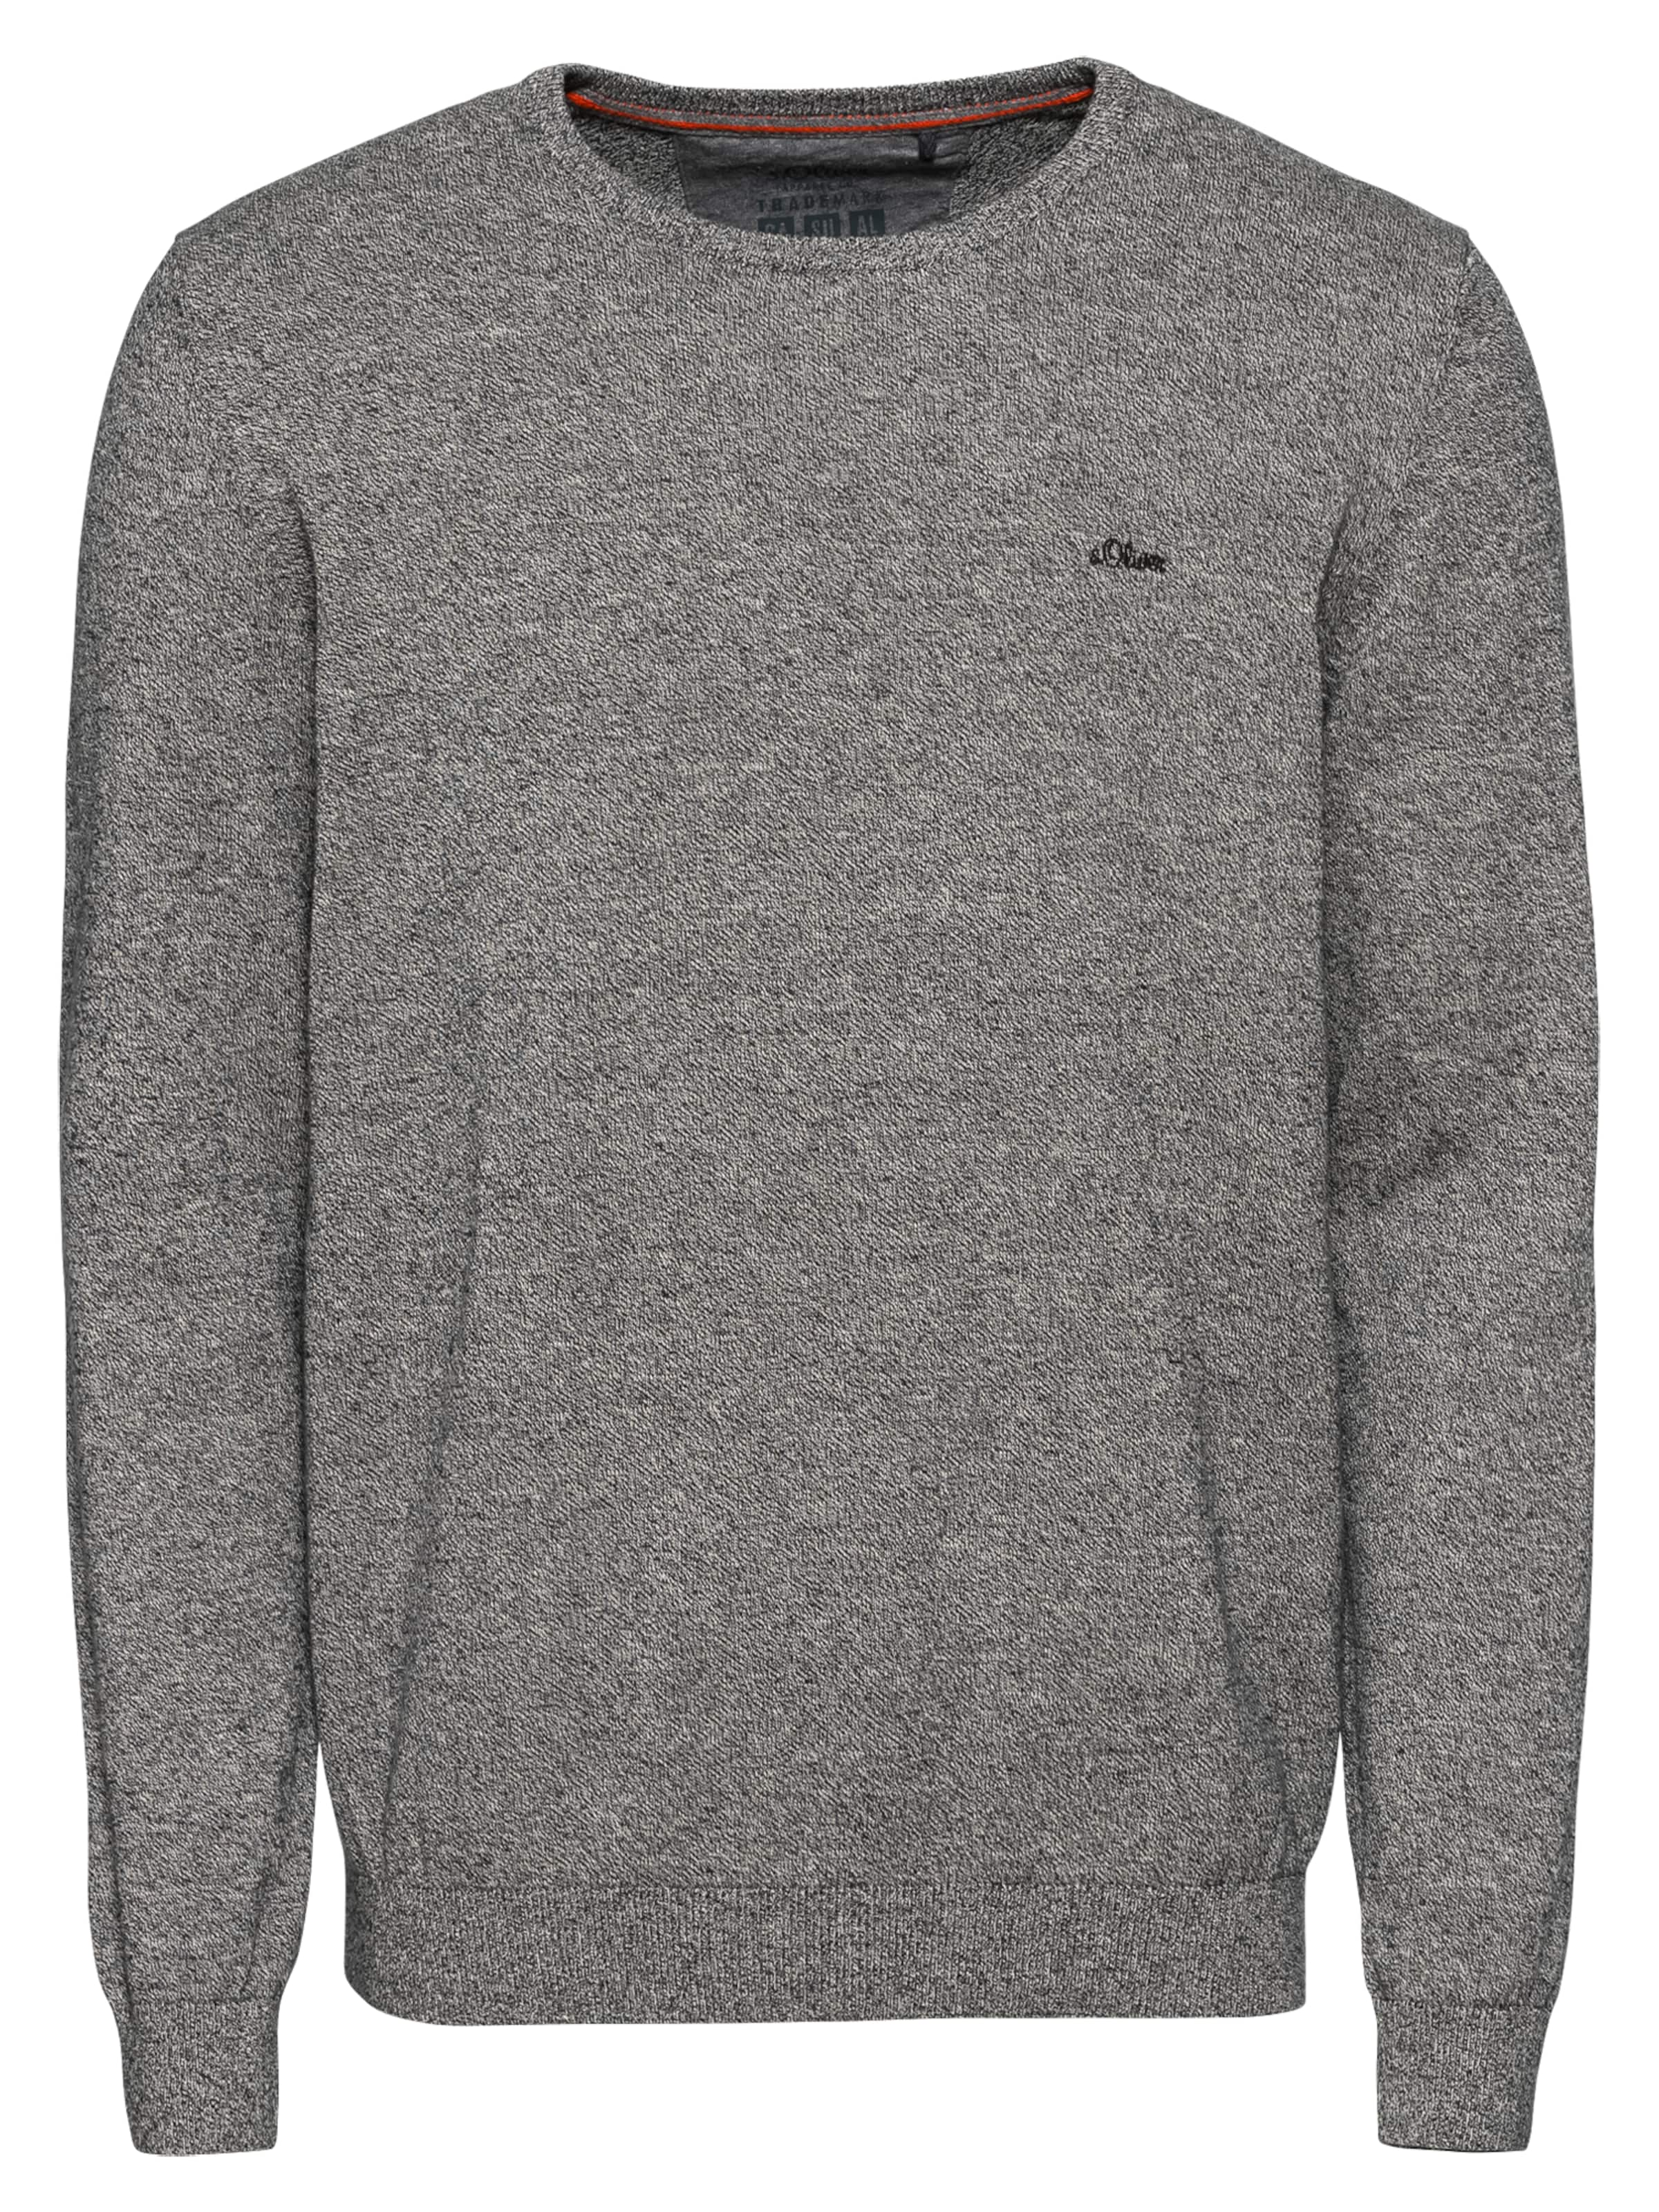 Pullover In S oliver Red Label GraumeliertSchwarz zMSjpLUVGq